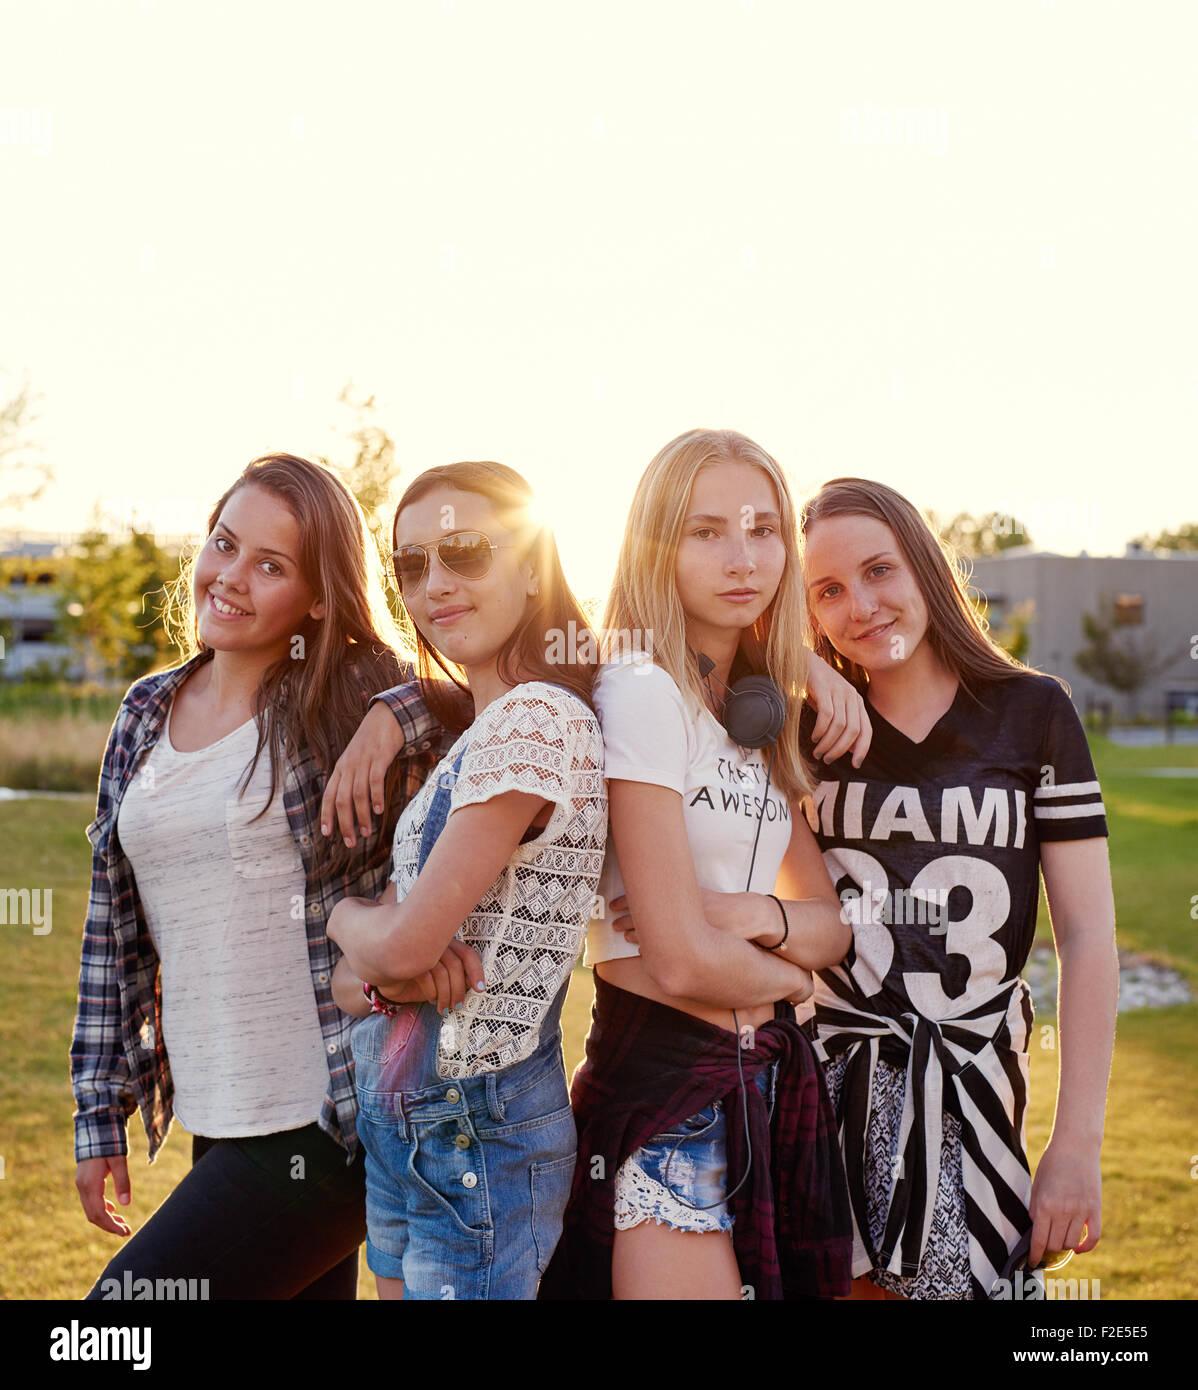 Skandinavische Jugendmädchen außerhalb posiert im Sommer Stockbild